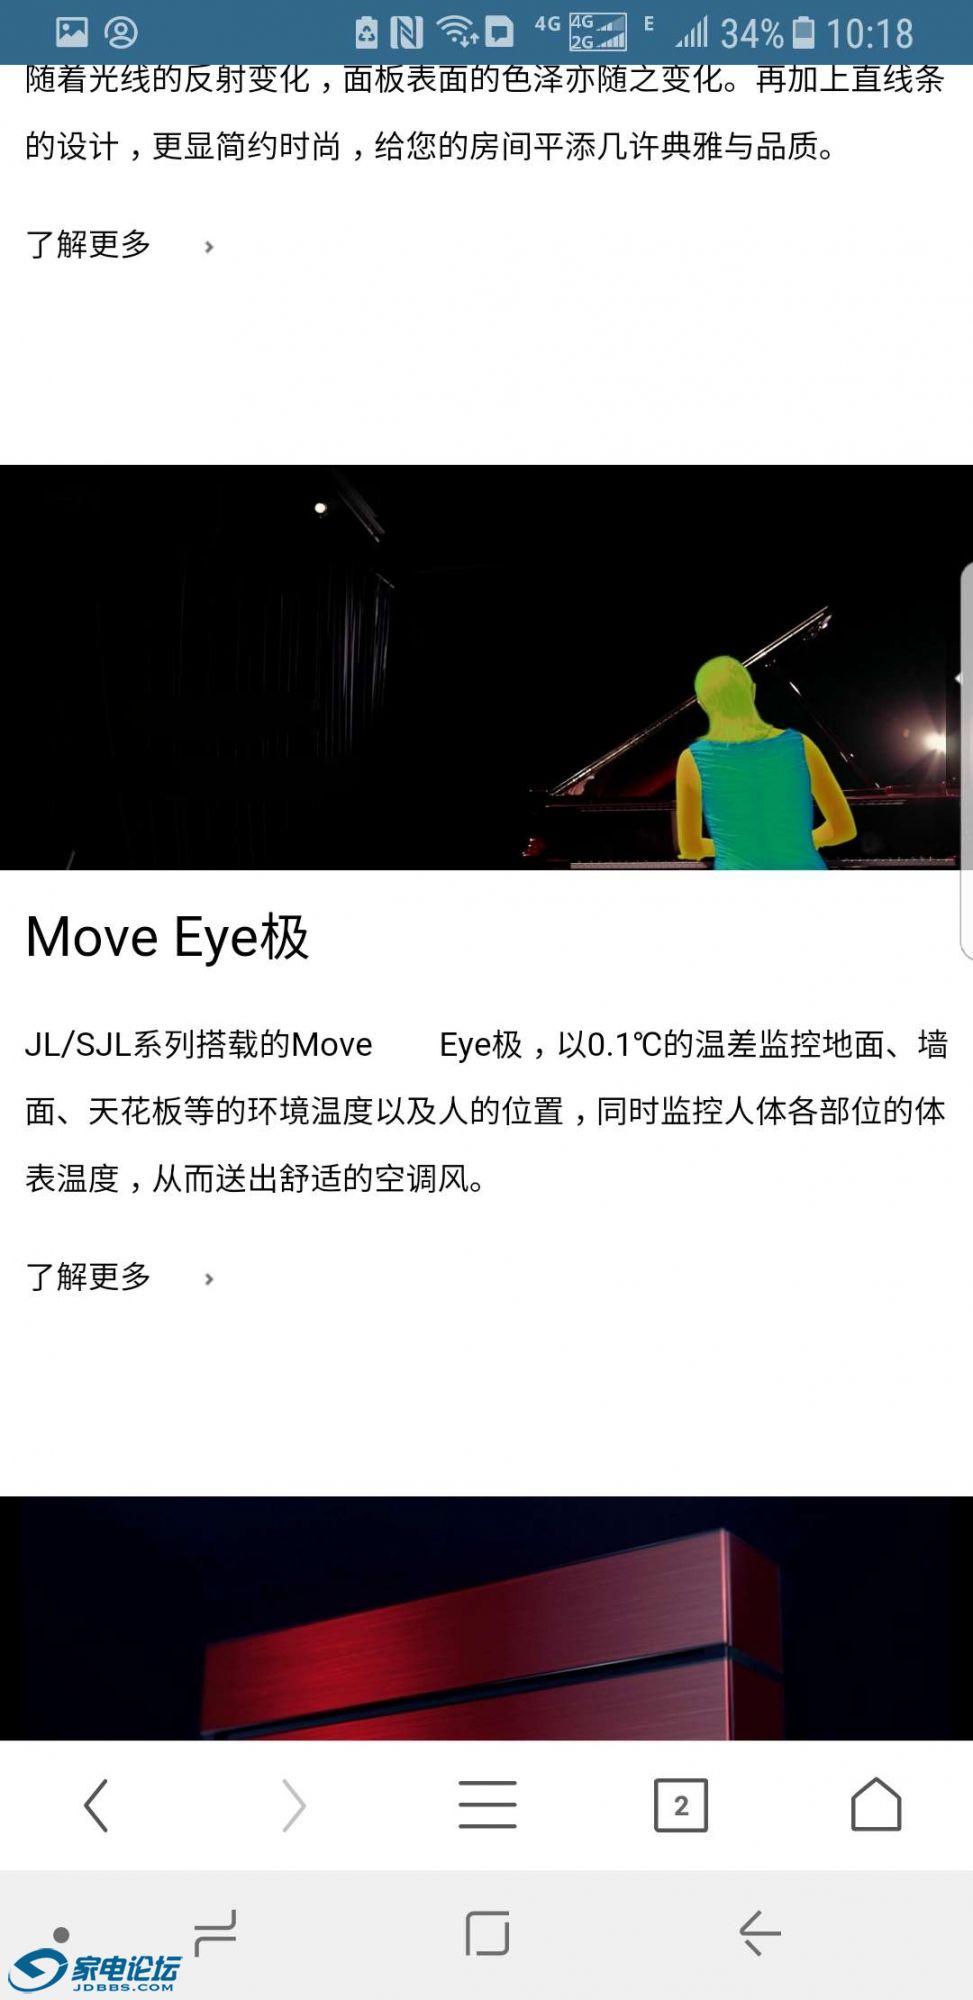 精确到0.1度的moveeye